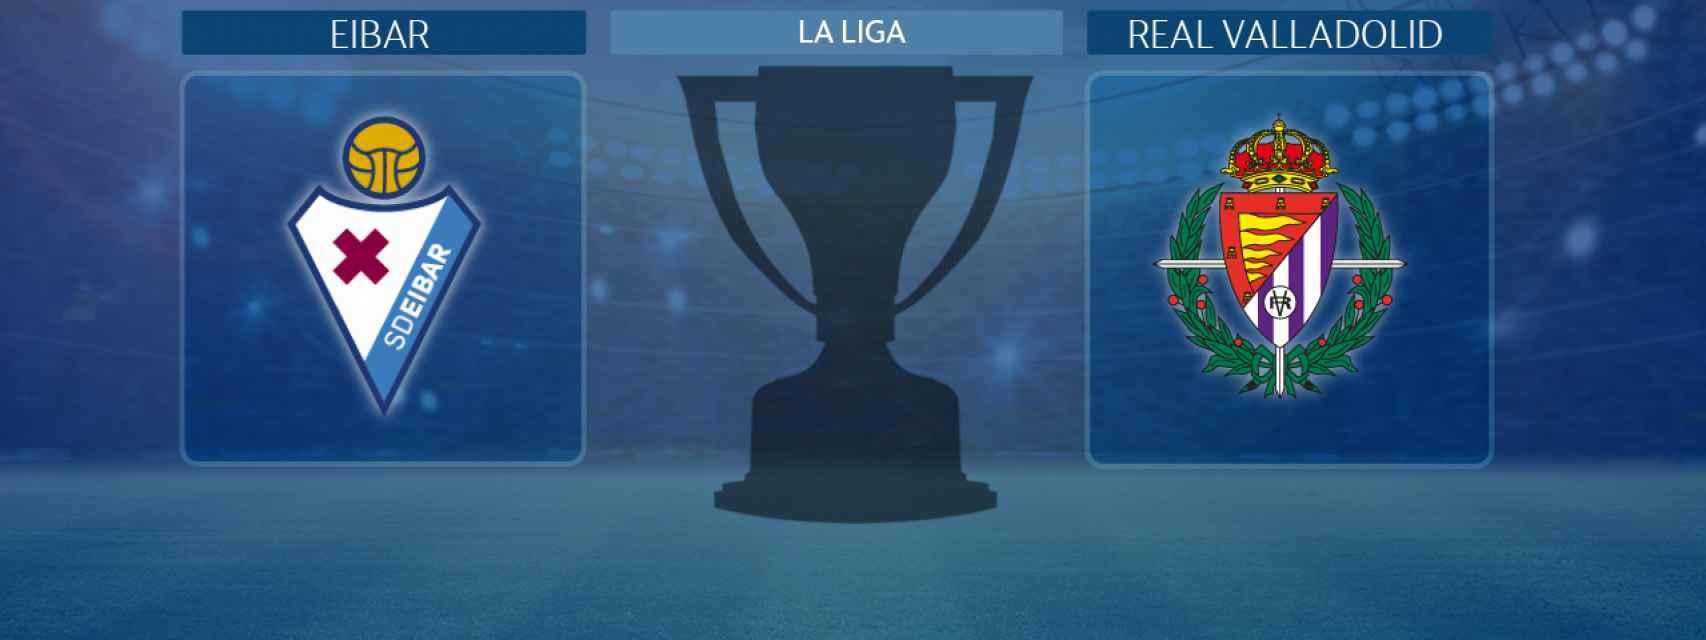 Eibar - Real Valladolid, partido de La Liga